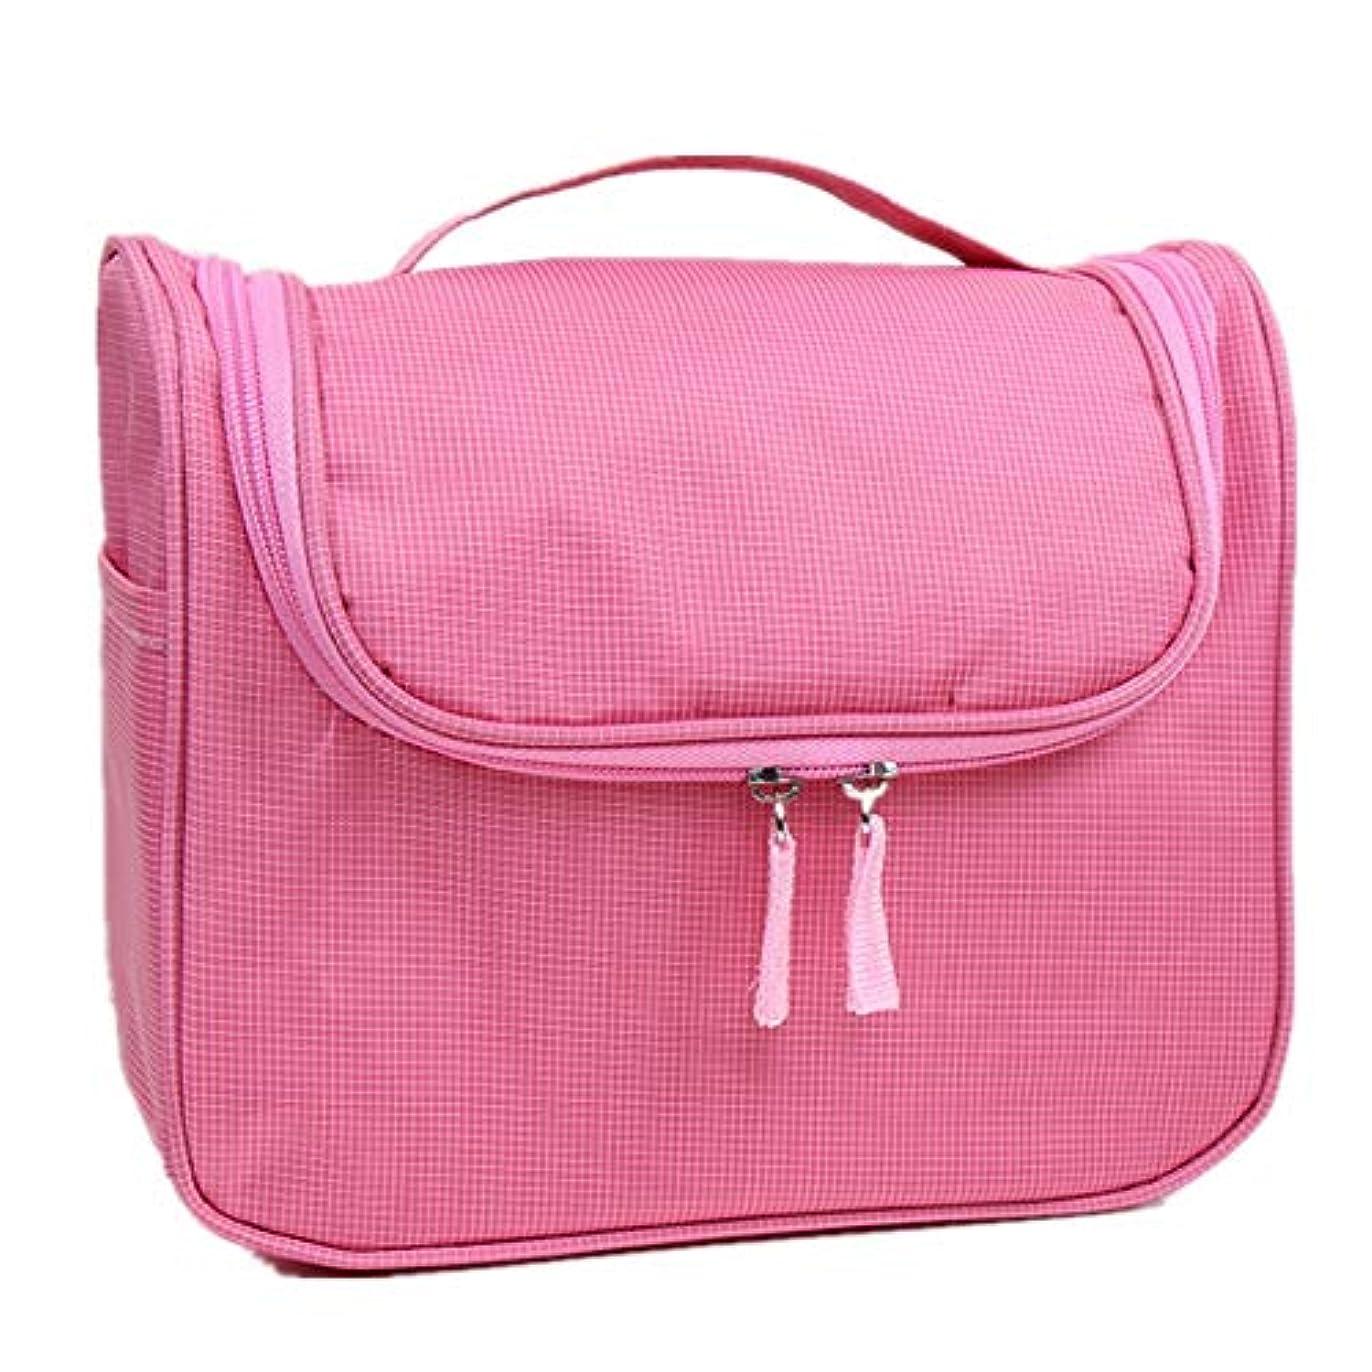 ありふれたキャンパス米国化粧オーガナイザーバッグ 大容量の旅行化粧品バッグ丈夫で耐久性のある洗濯可能な化粧品保管コンセントレーションバッグウォッシュバッグ 化粧品ケース (色 : ピンク)